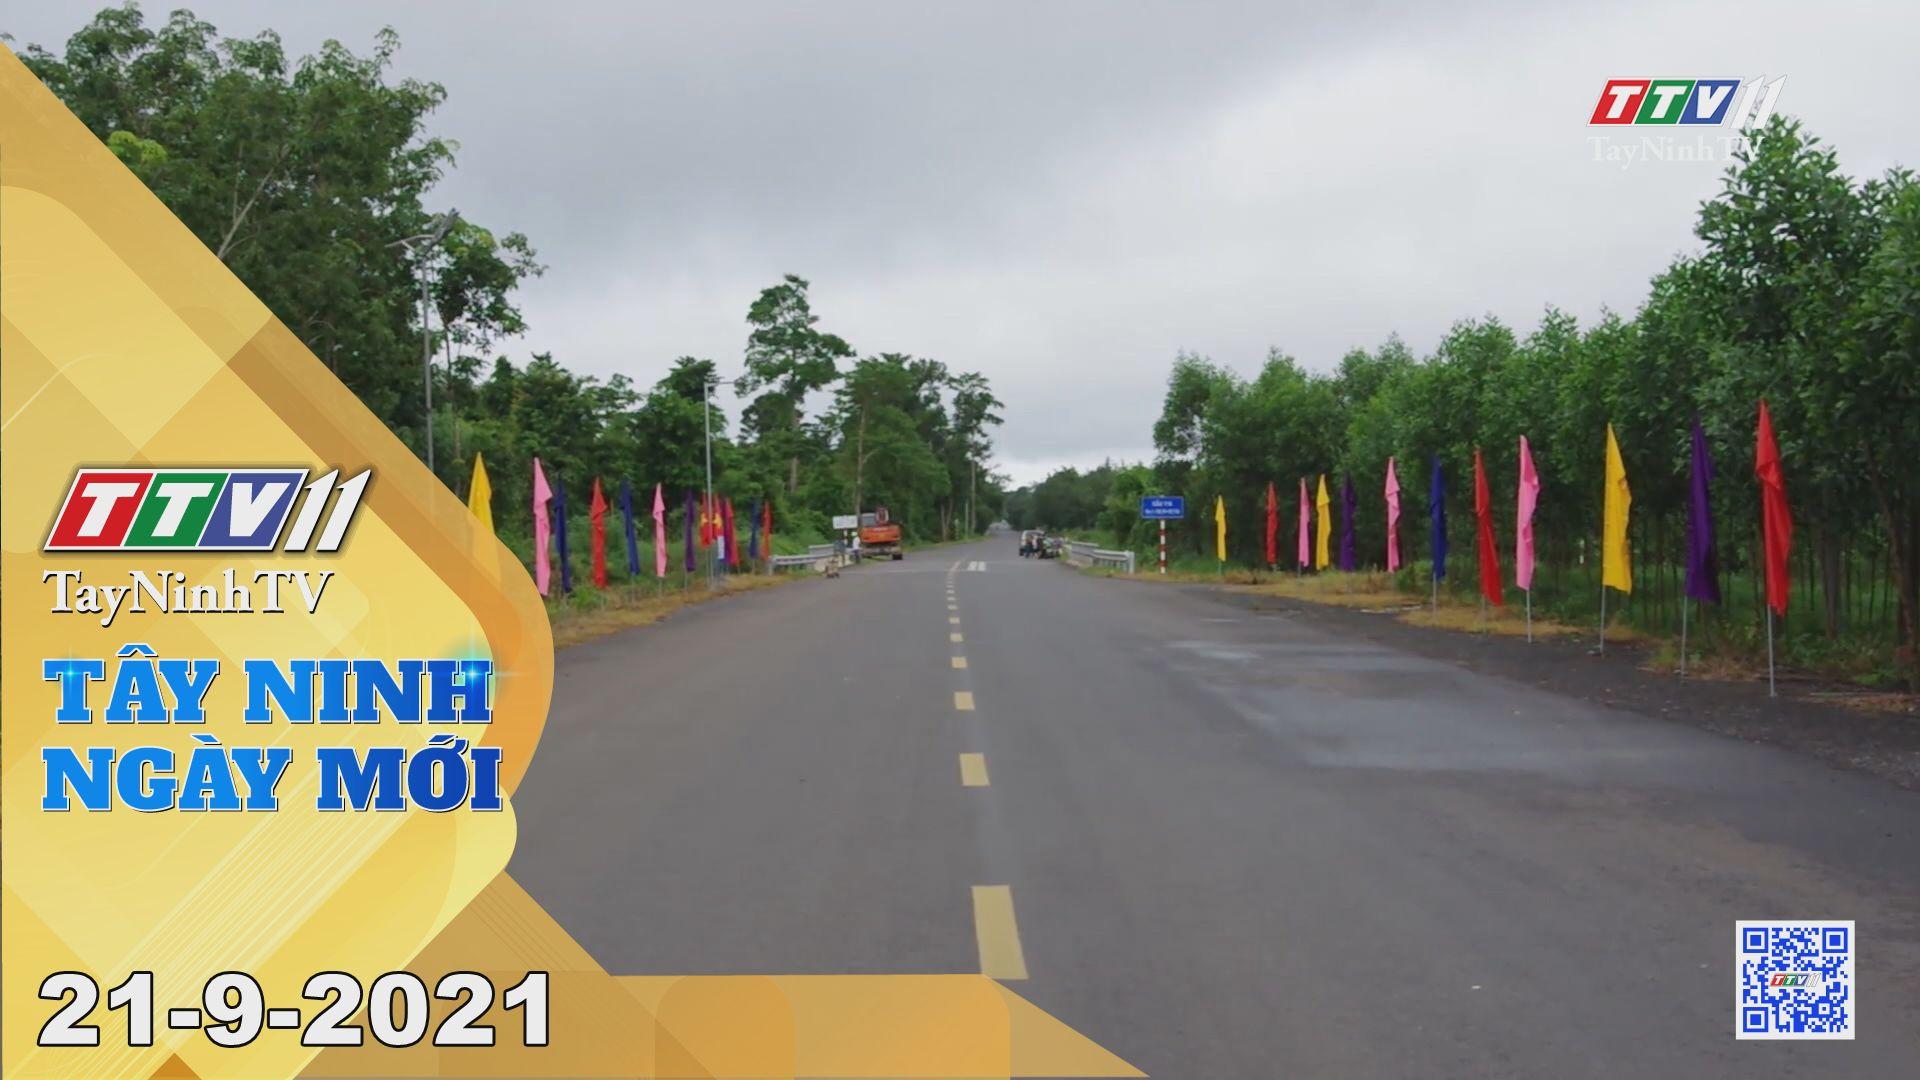 Tây Ninh Ngày Mới 21/9/2021 | Tin tức hôm nay | TayNinhTV